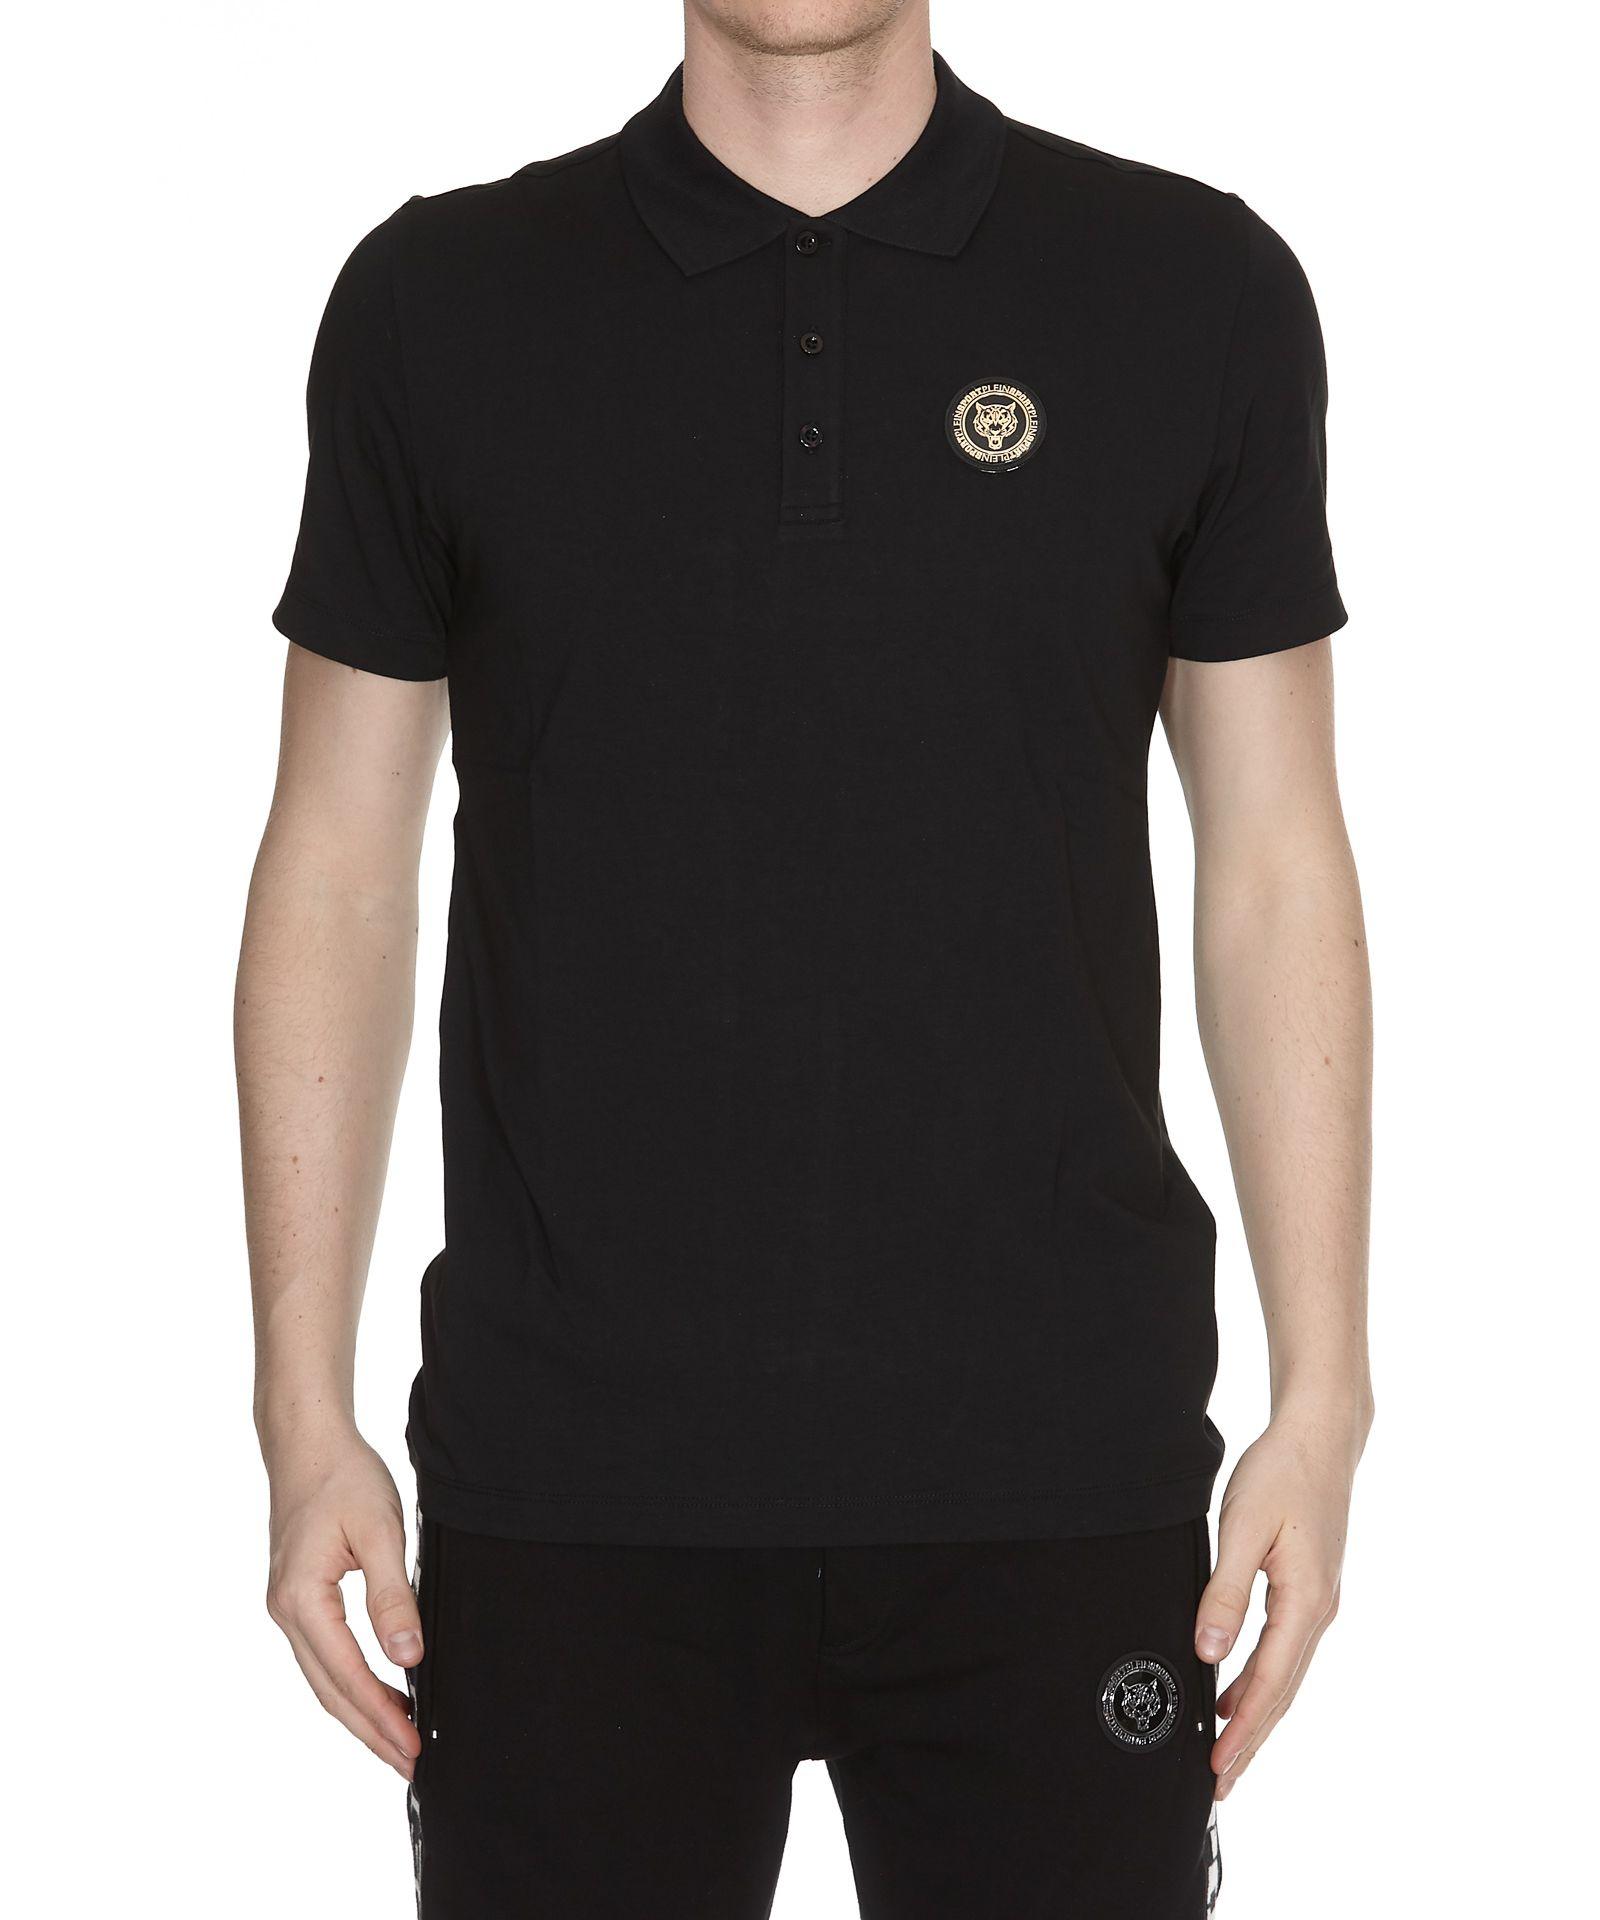 Philipp Plein Go Fast Polo Shirt - Noir